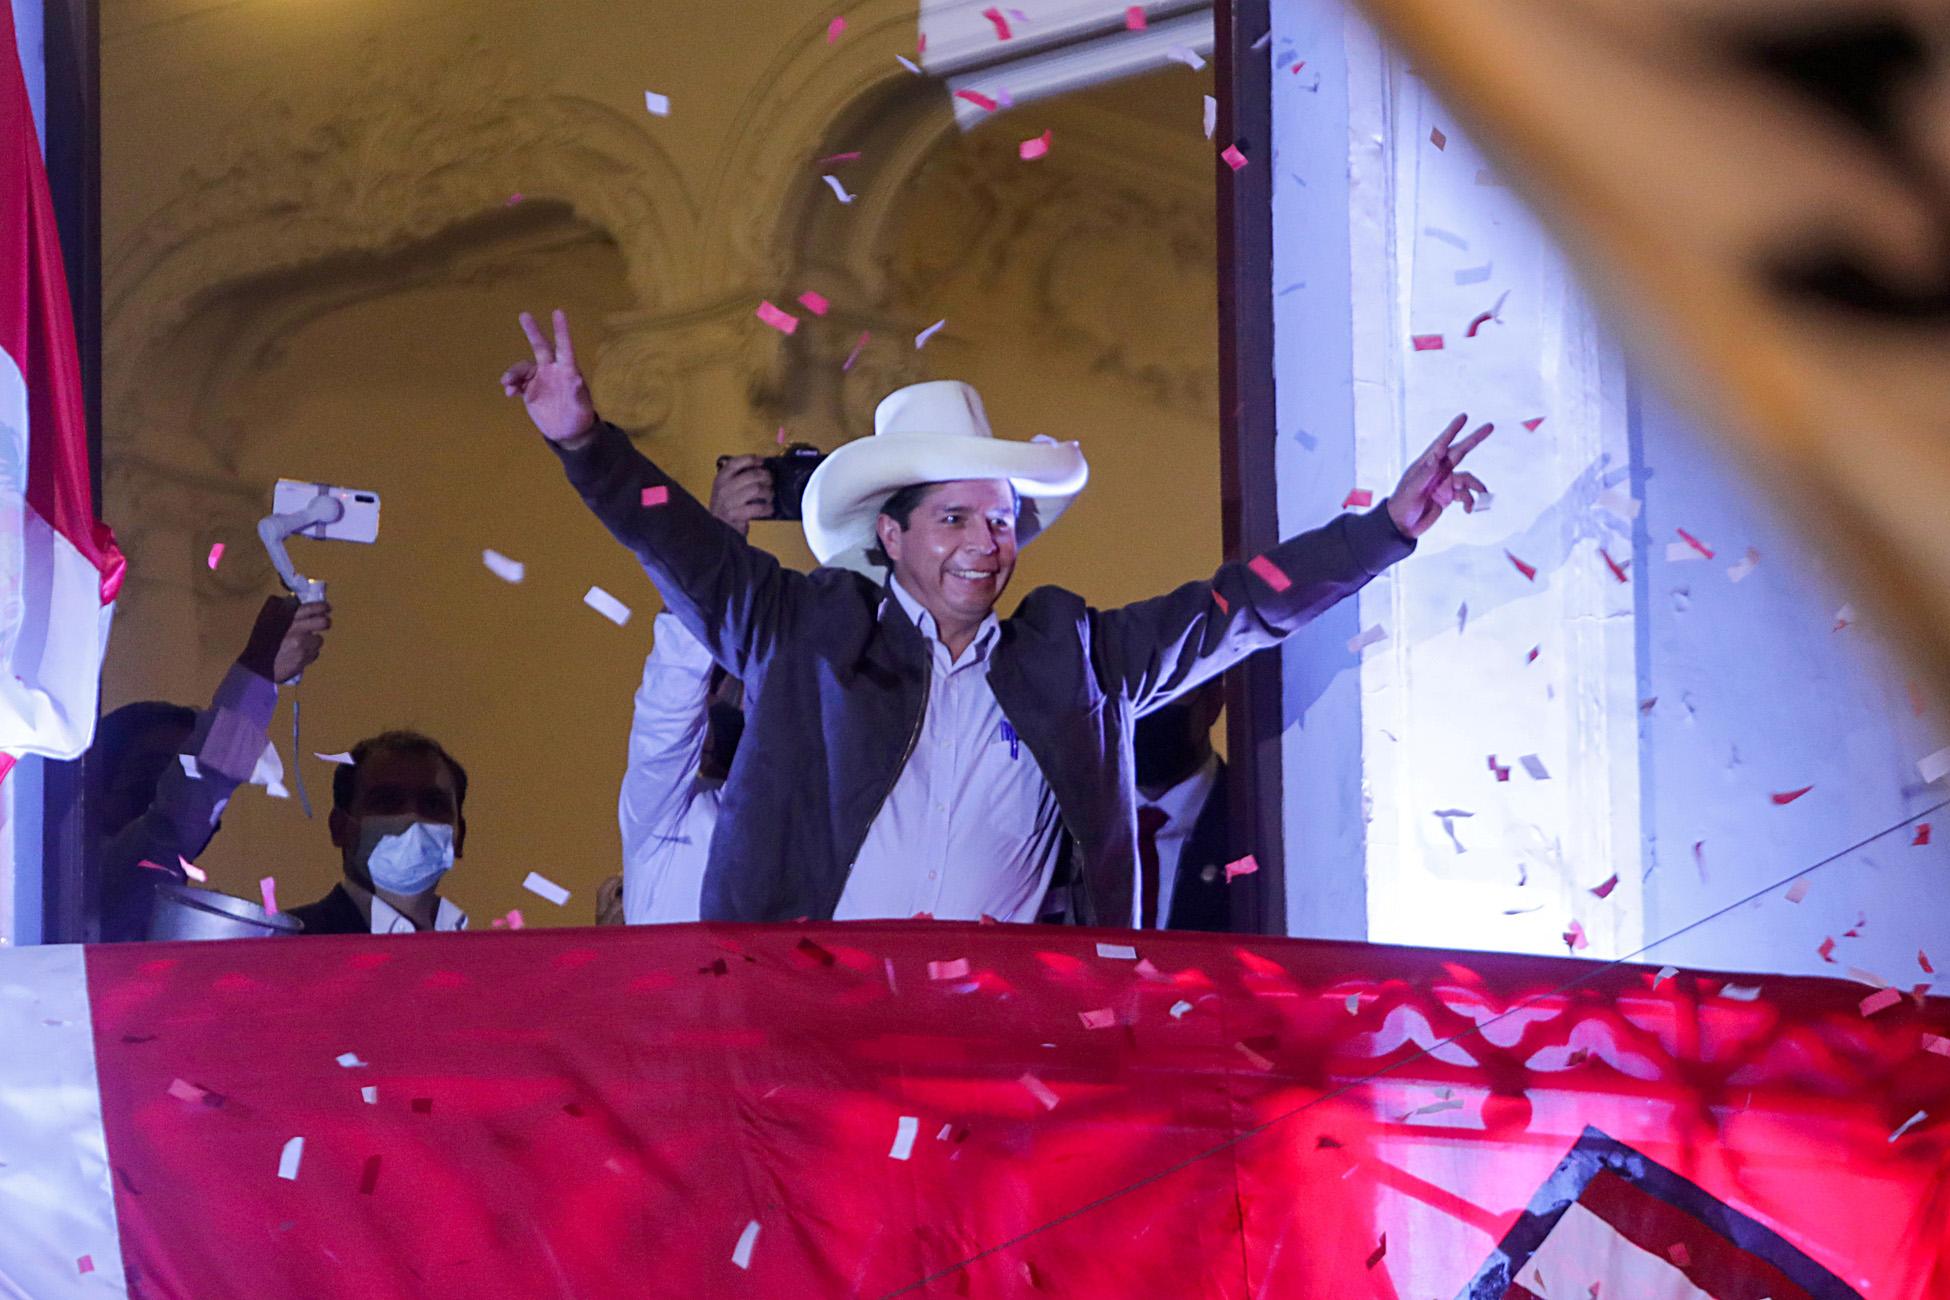 Περού: Παρέμβαση του στρατού στις εκλογές καταγγέλλει ο μεταβατικός πρόεδρος